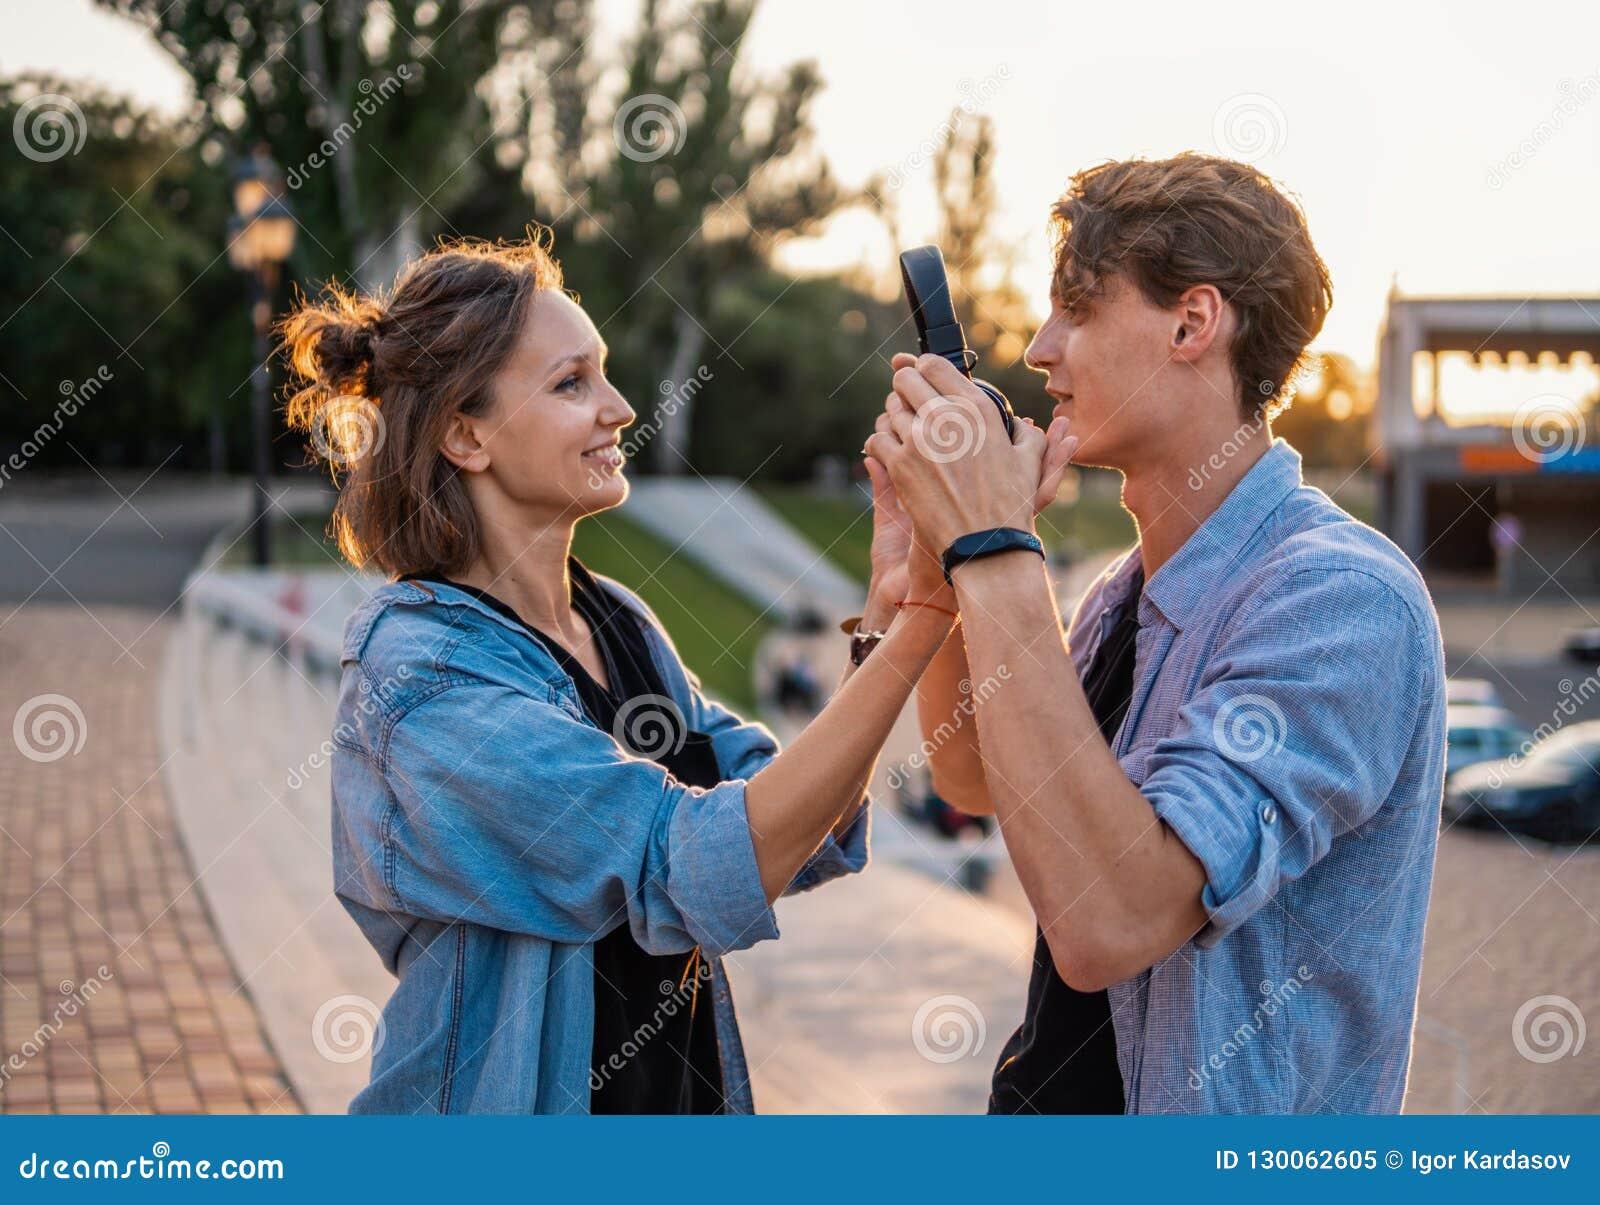 meet man dating